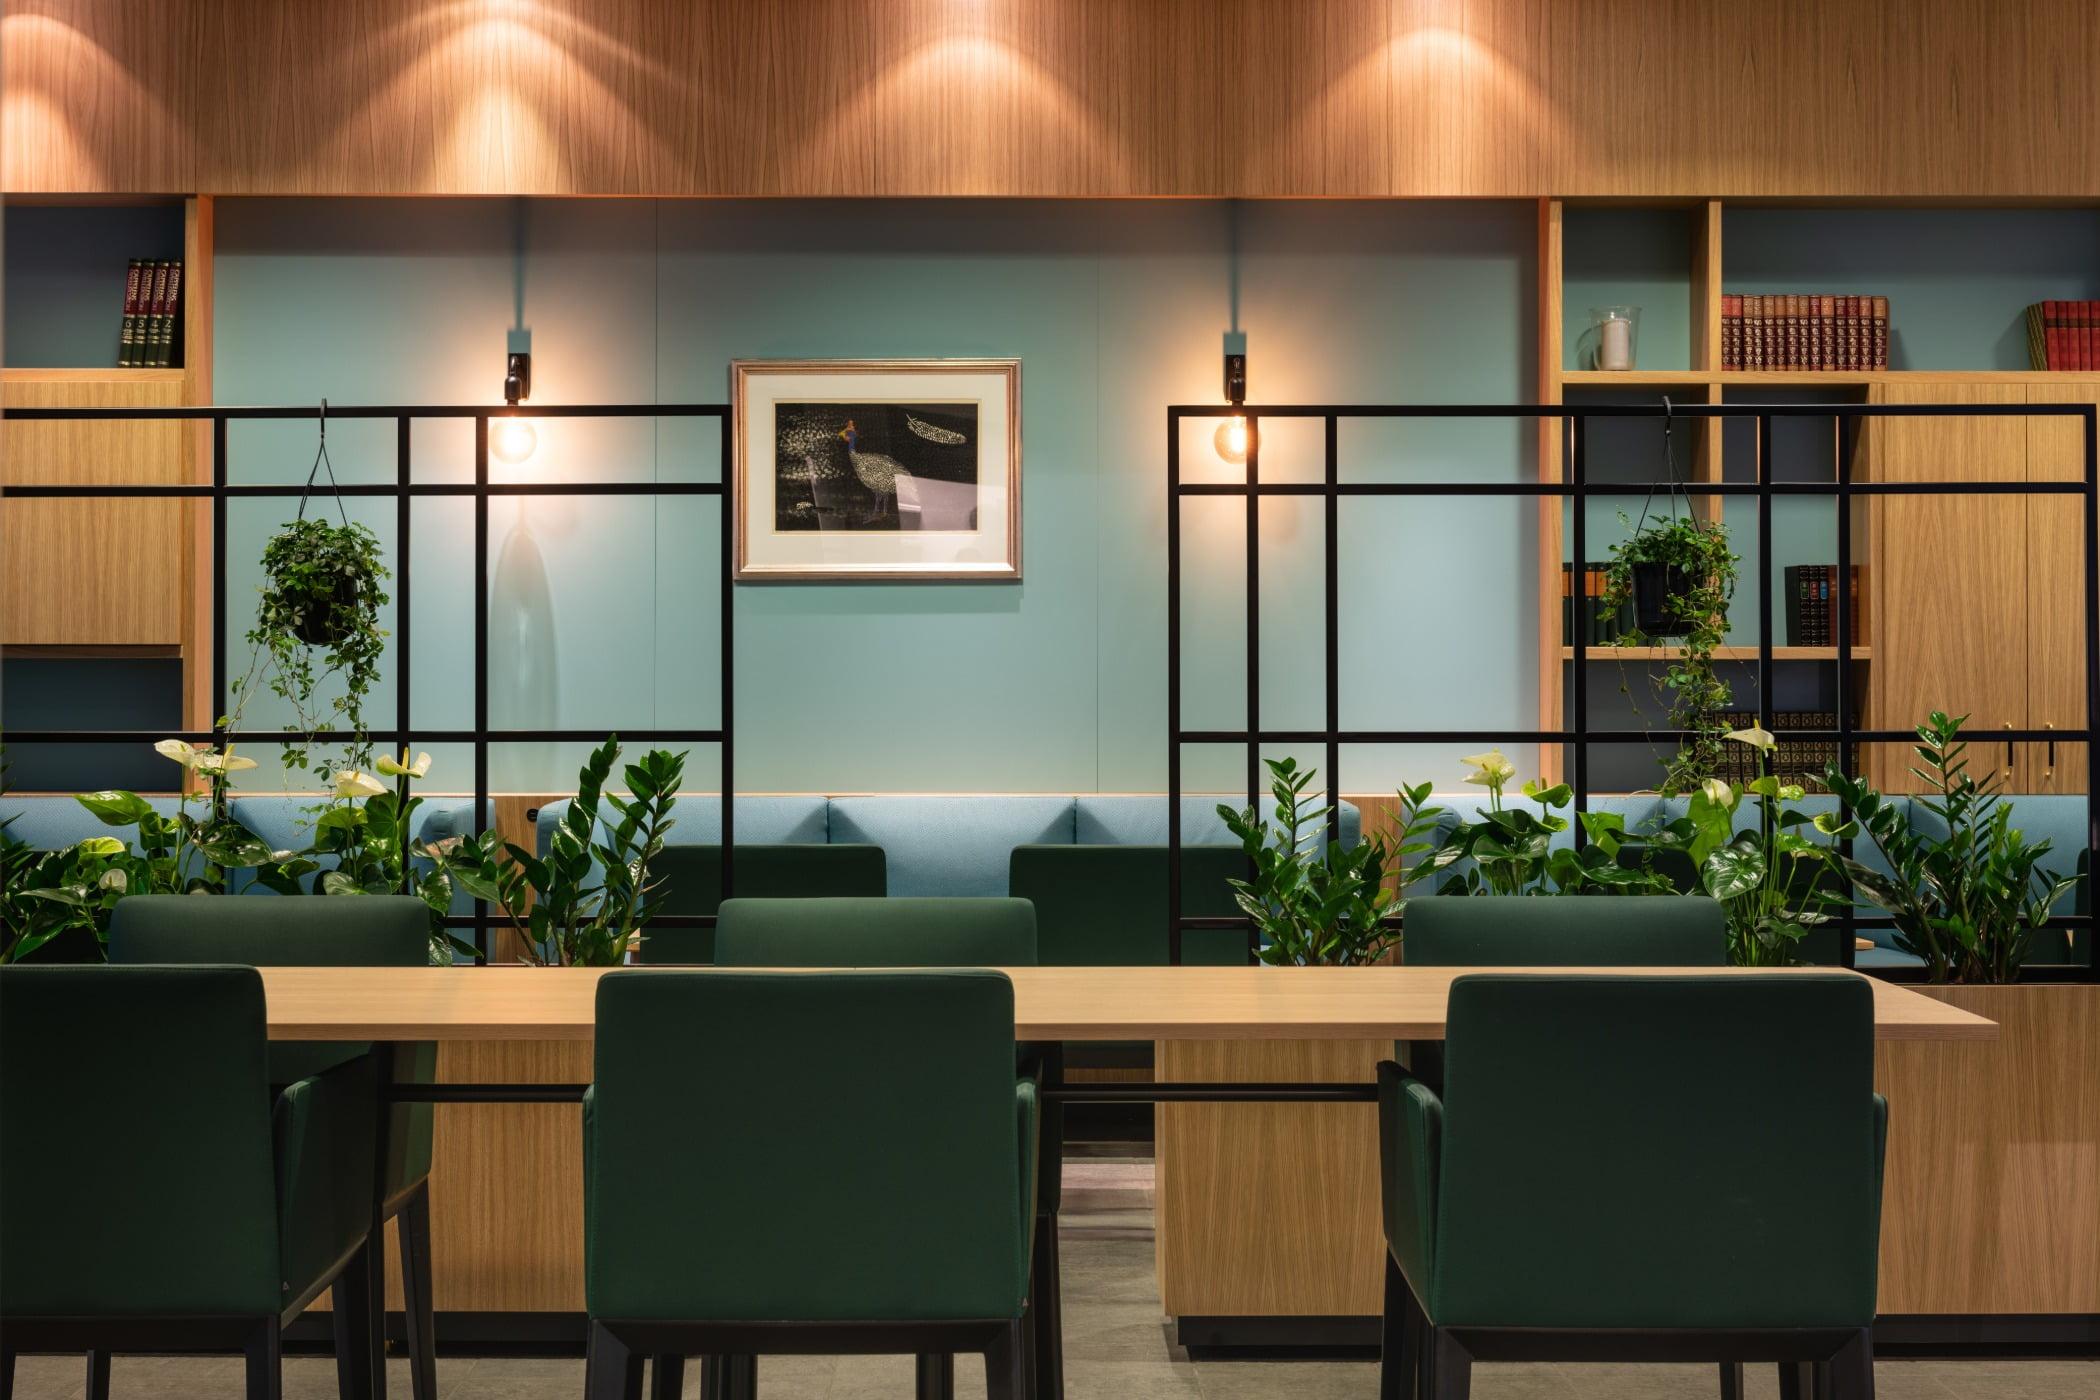 Hodneboprosjekt_innredning_hotell_restaurant_bar_kontor_konferanse, Interior design, Houseplant, Chair, Furniture, Table, Plant, Lighting